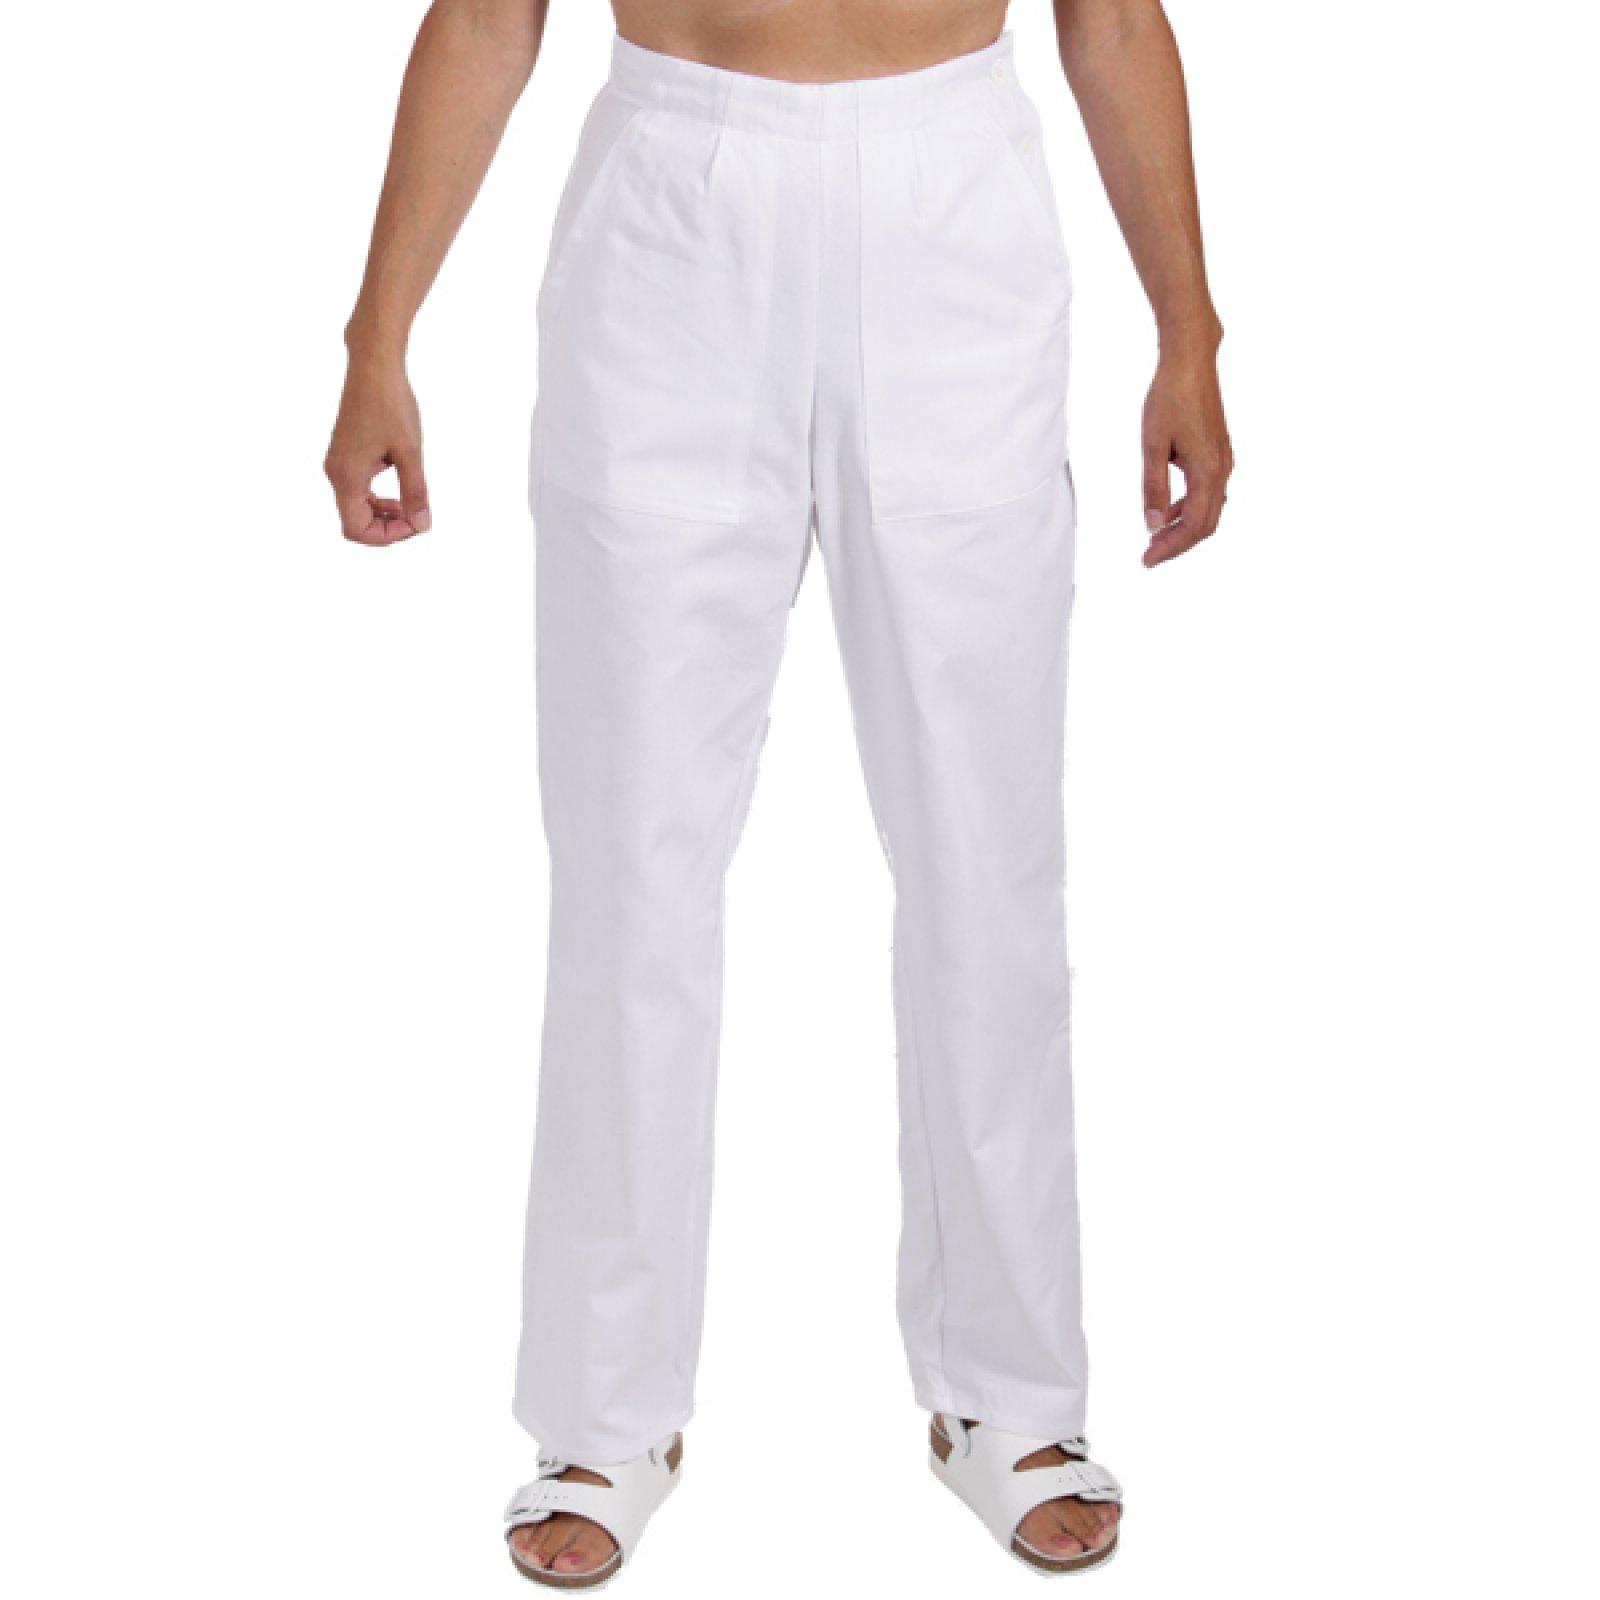 94b1699a715 Dámské kalhoty bílé - 0470 - KARS